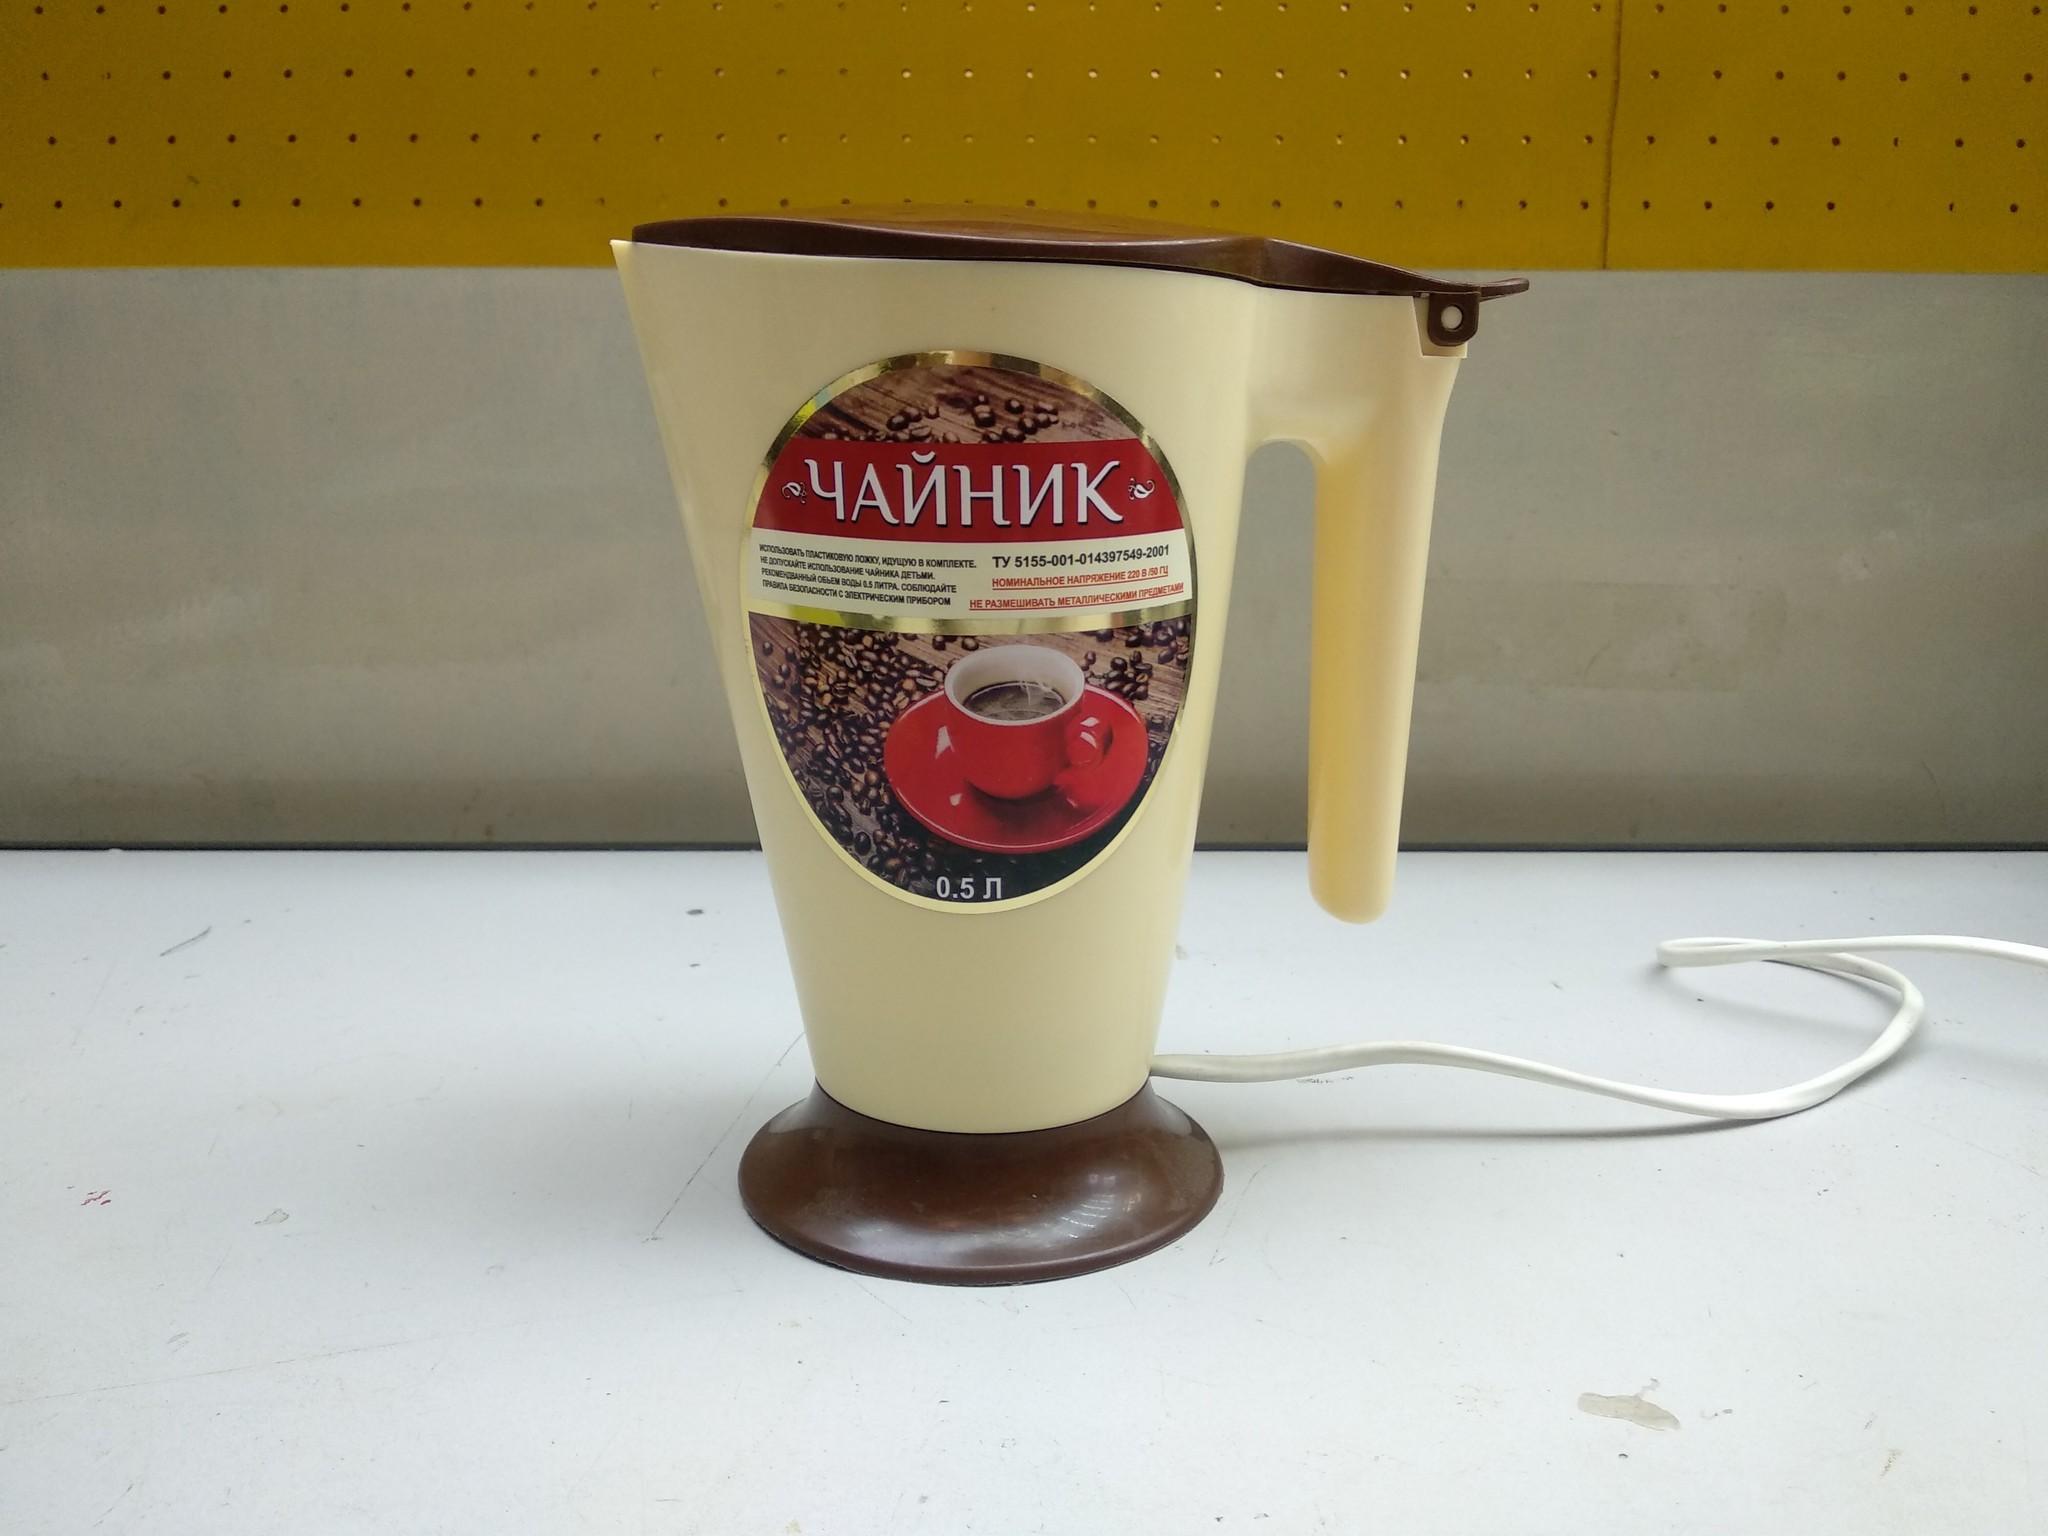 Чайник для быстрых и медленных самоубийств